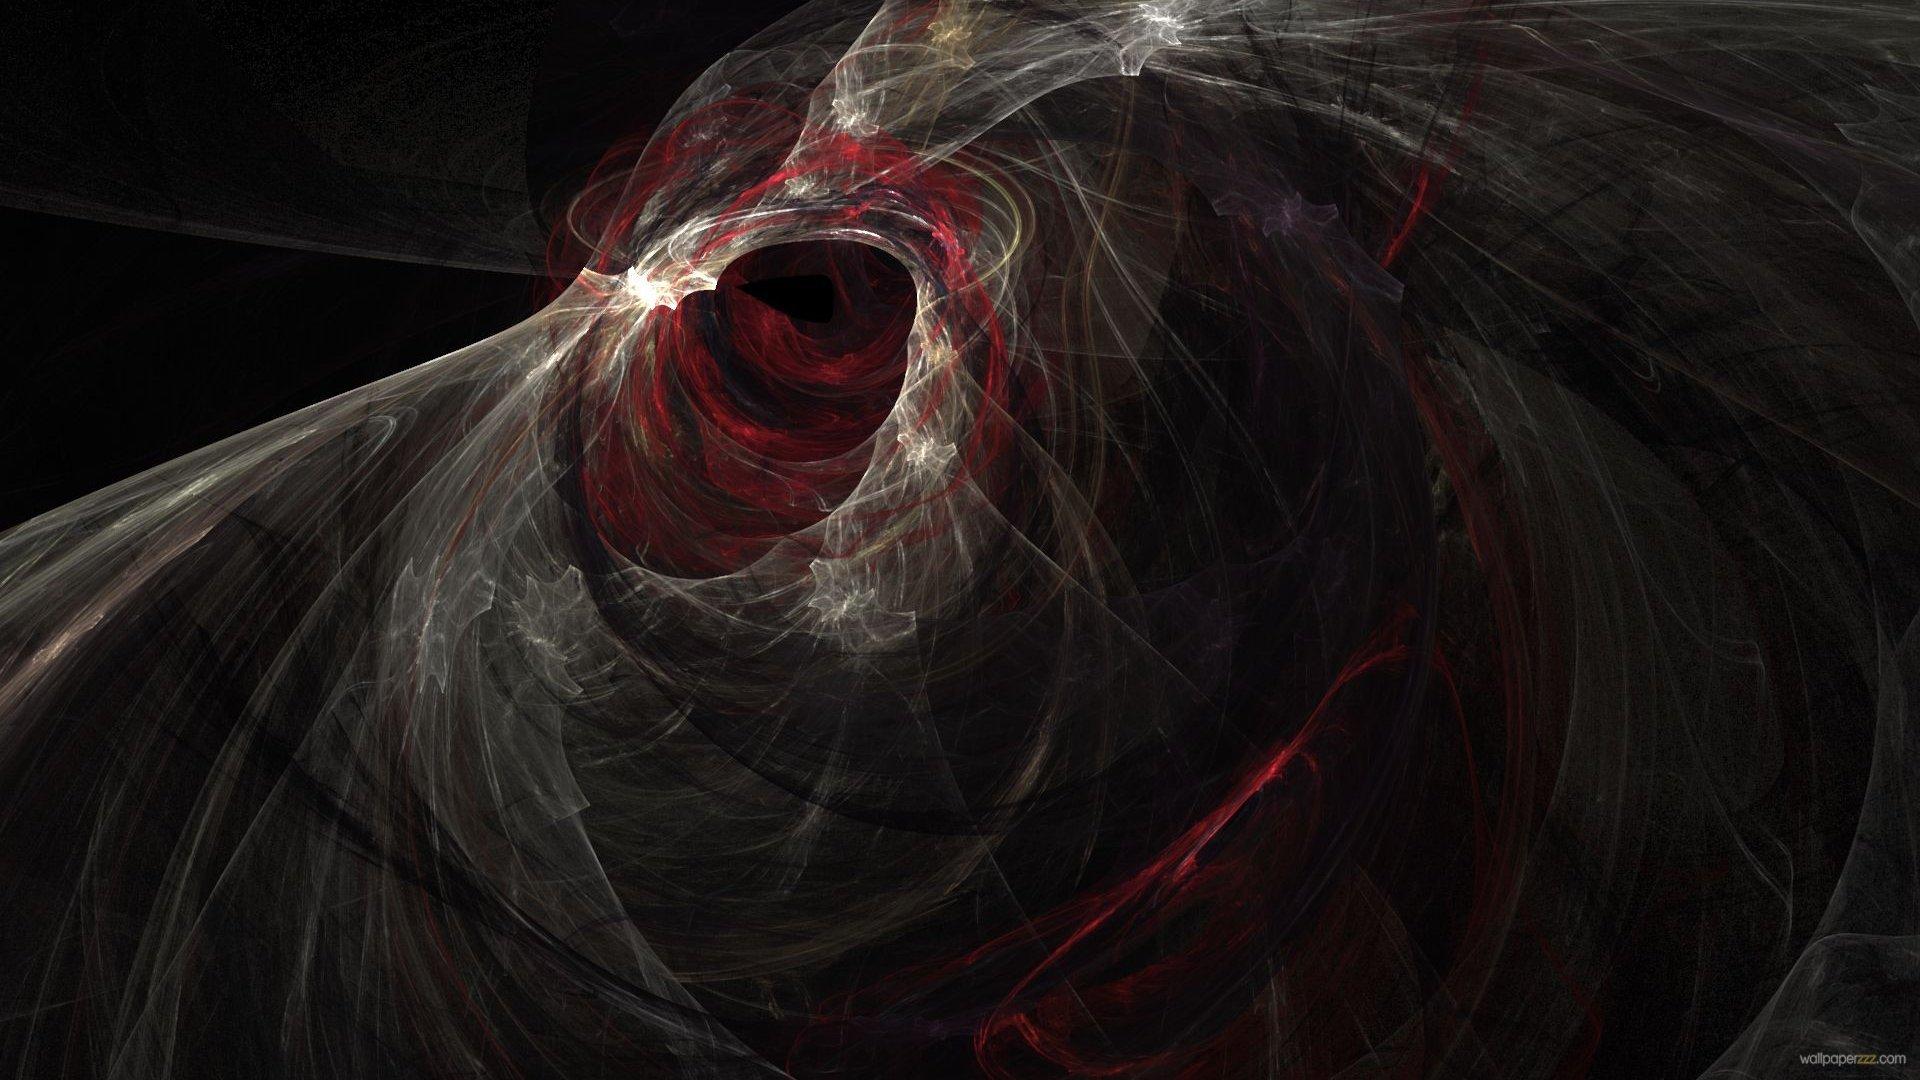 Download Abstract Art Deep Space HD Wallpaper Wallpaper 1920x1080